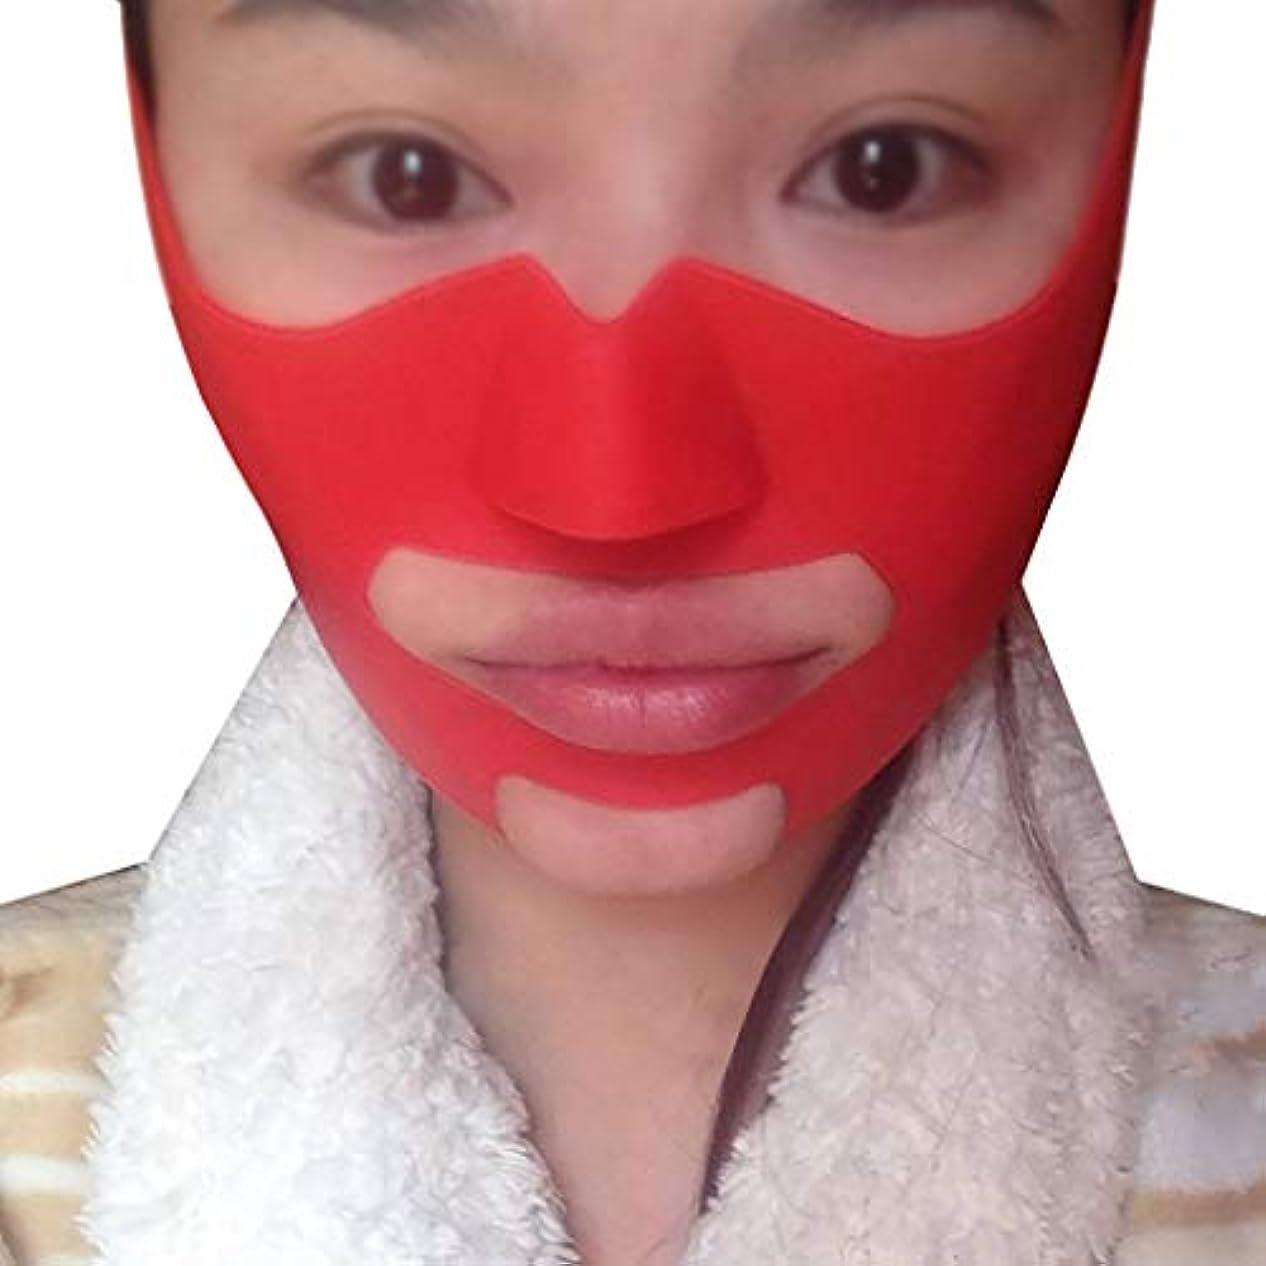 暴露あそこスポーツGLJJQMY 薄いフェイスマスクシリコーンVマスクマスク強い痩身咬合筋肉トレーナーアップル筋肉法令パターンアーティファクト小さなVフェイス包帯薄いフェイスネックリフト 顔用整形マスク